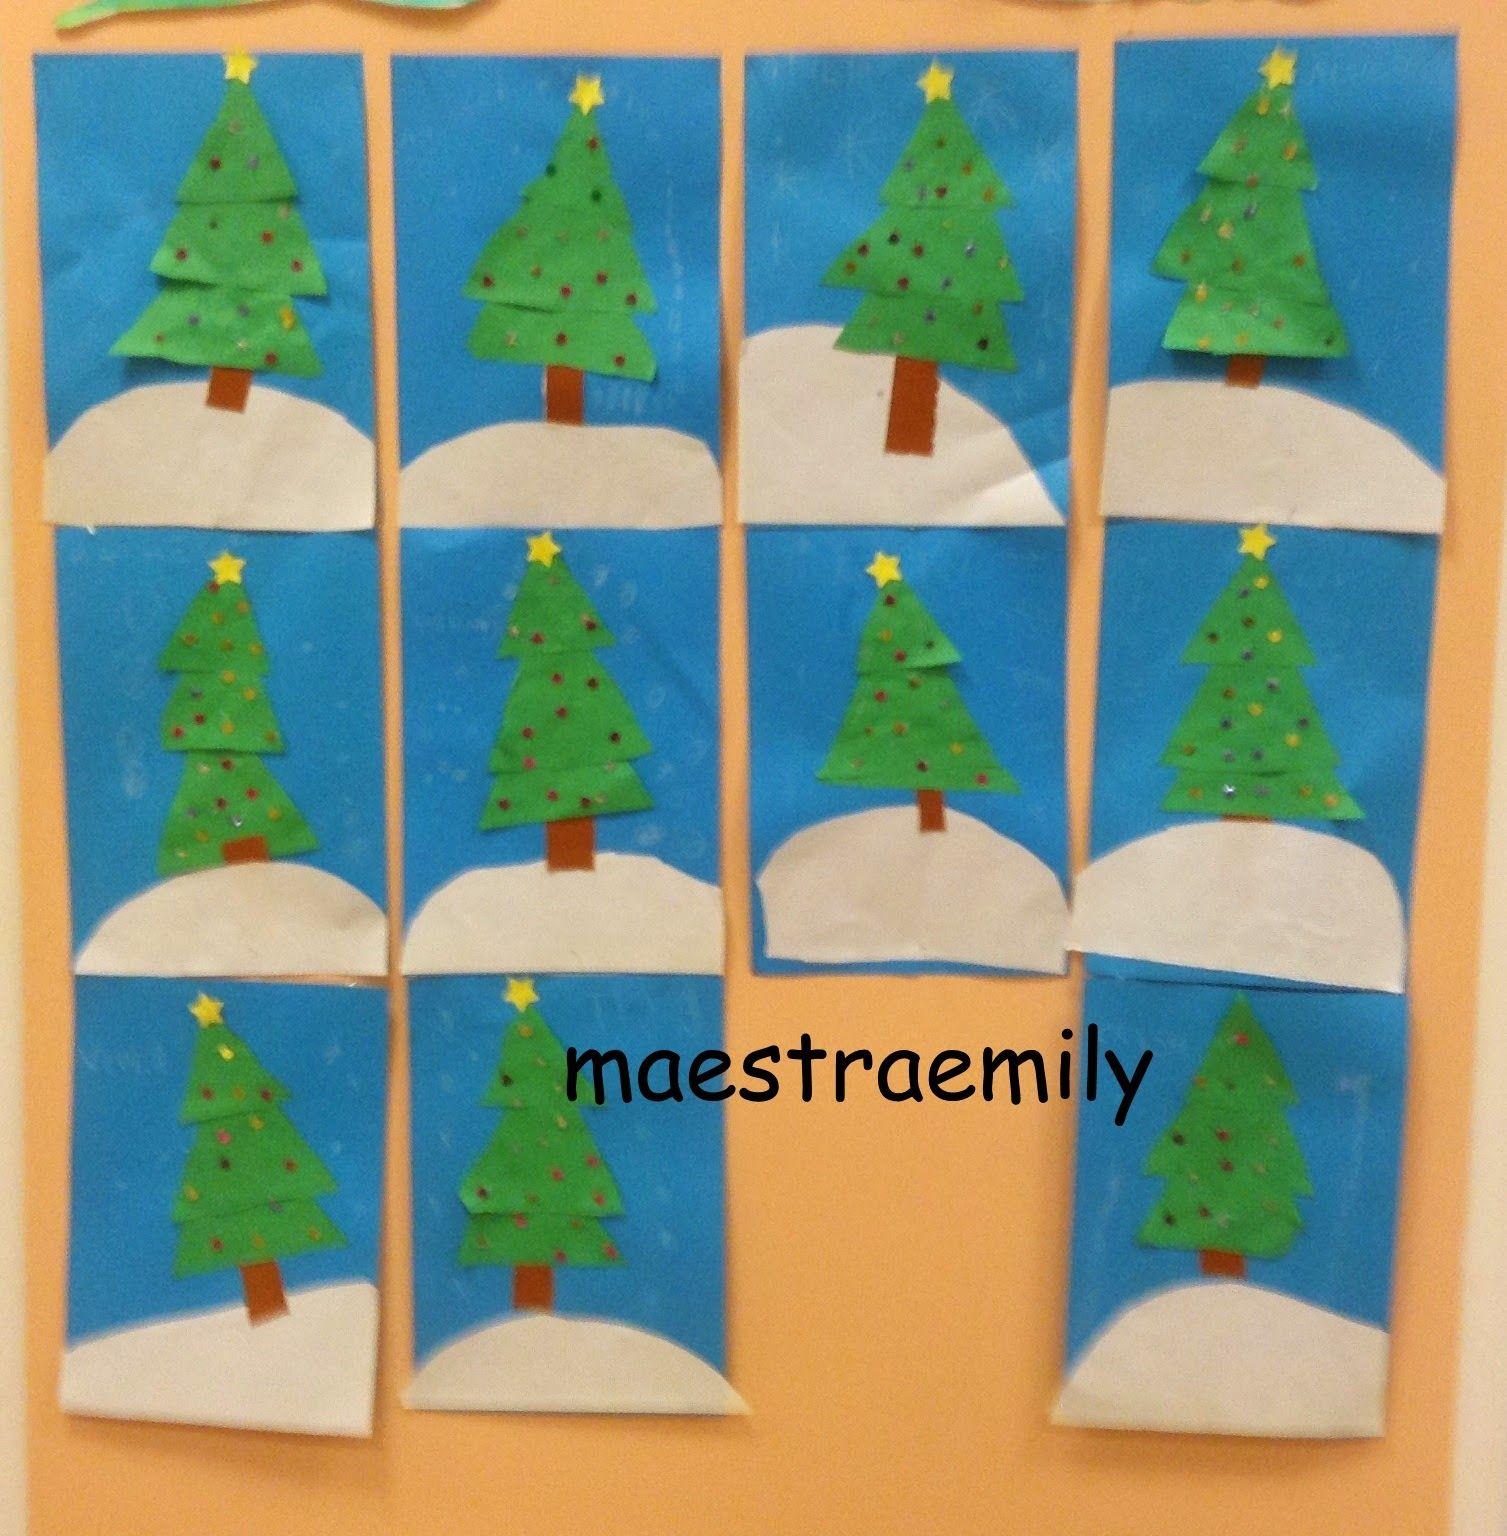 Foto Collage Di Natale.Maestraemily Albero Di Natale A Collage Natale Alberi Di Natale Collage